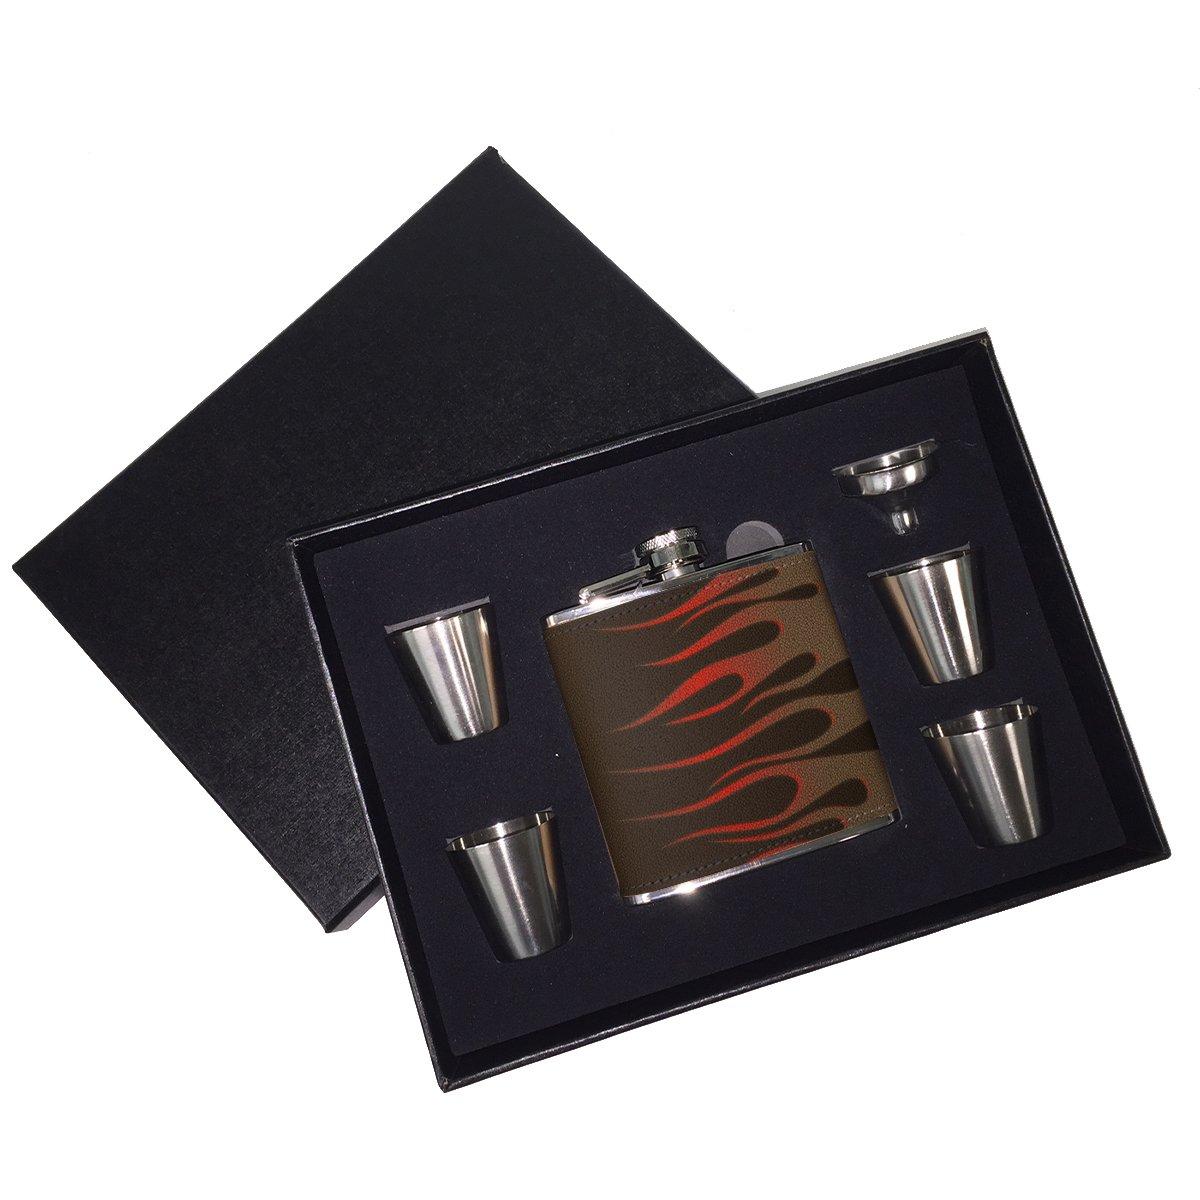 人気ブランド ホットロッドCool Fire Fire – – B01J18DVGQ レザーフラスコギフトセット B01J18DVGQ, とぎ職人の部屋:869fe4a7 --- xienttechnologies.com